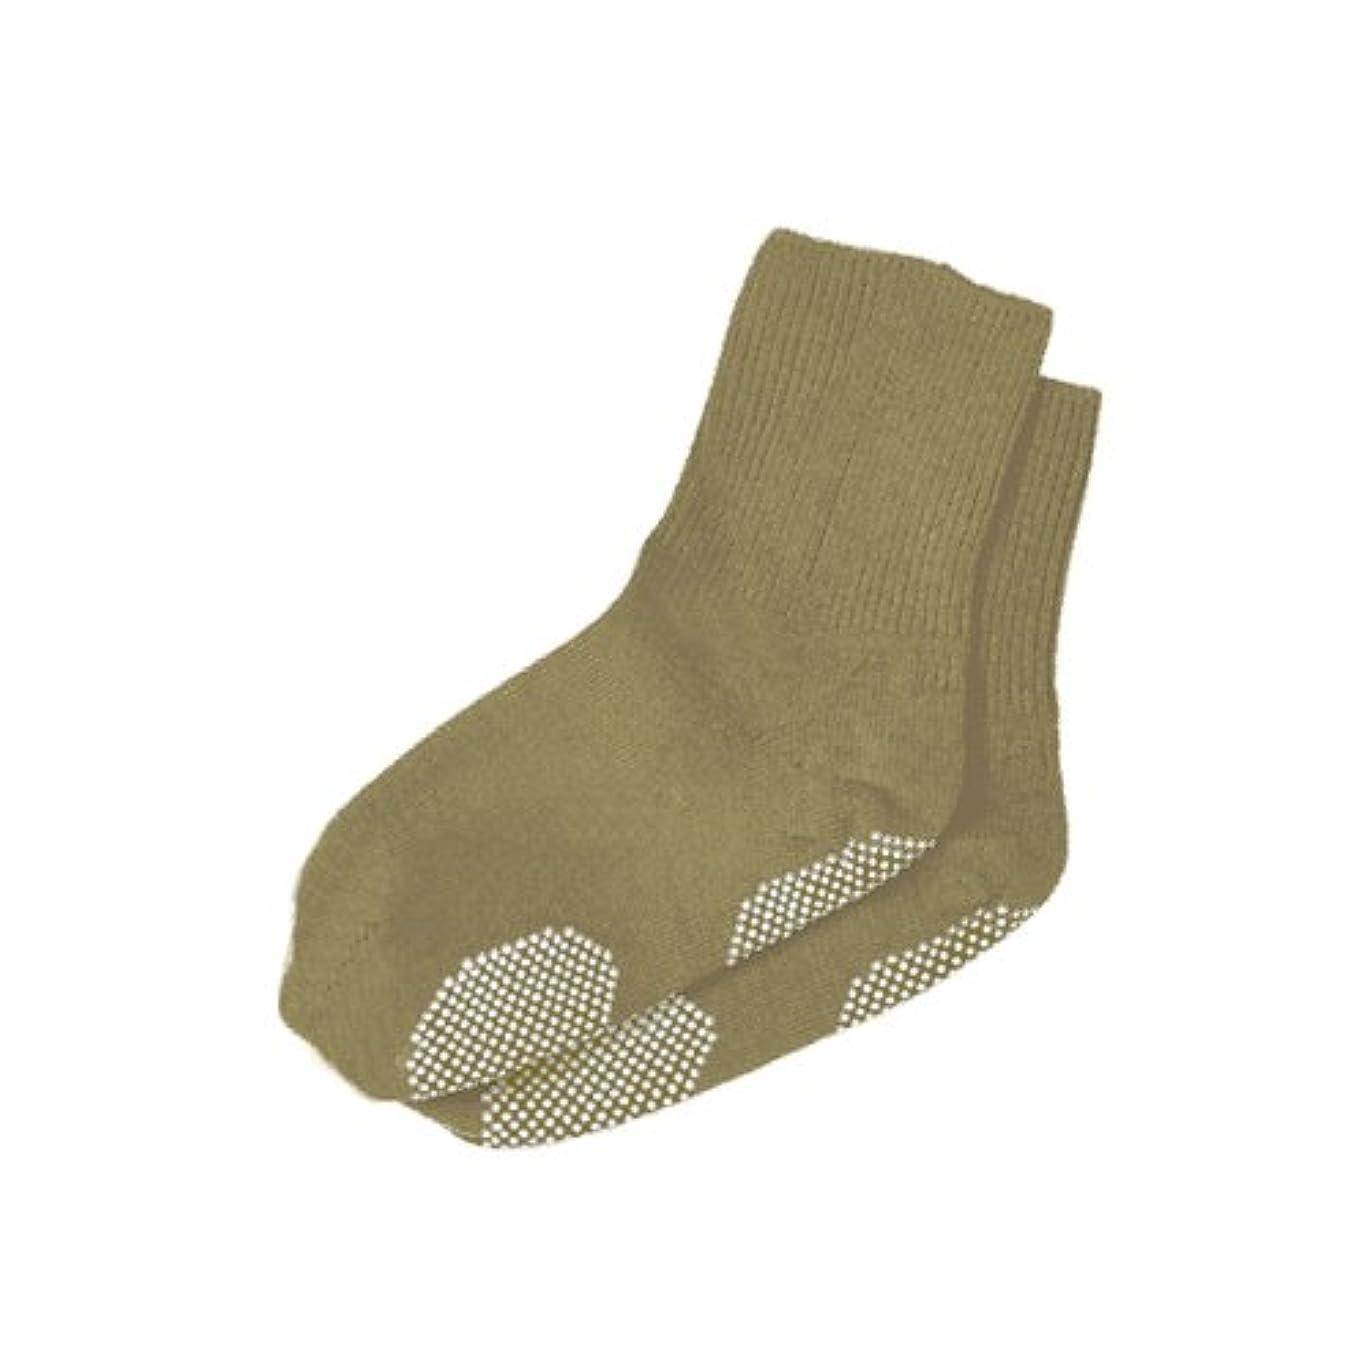 ベンチャーアイスクリーム軸エンゼル 履き口ゆるーい靴下 すべり止め付 22-24cm ベージュ